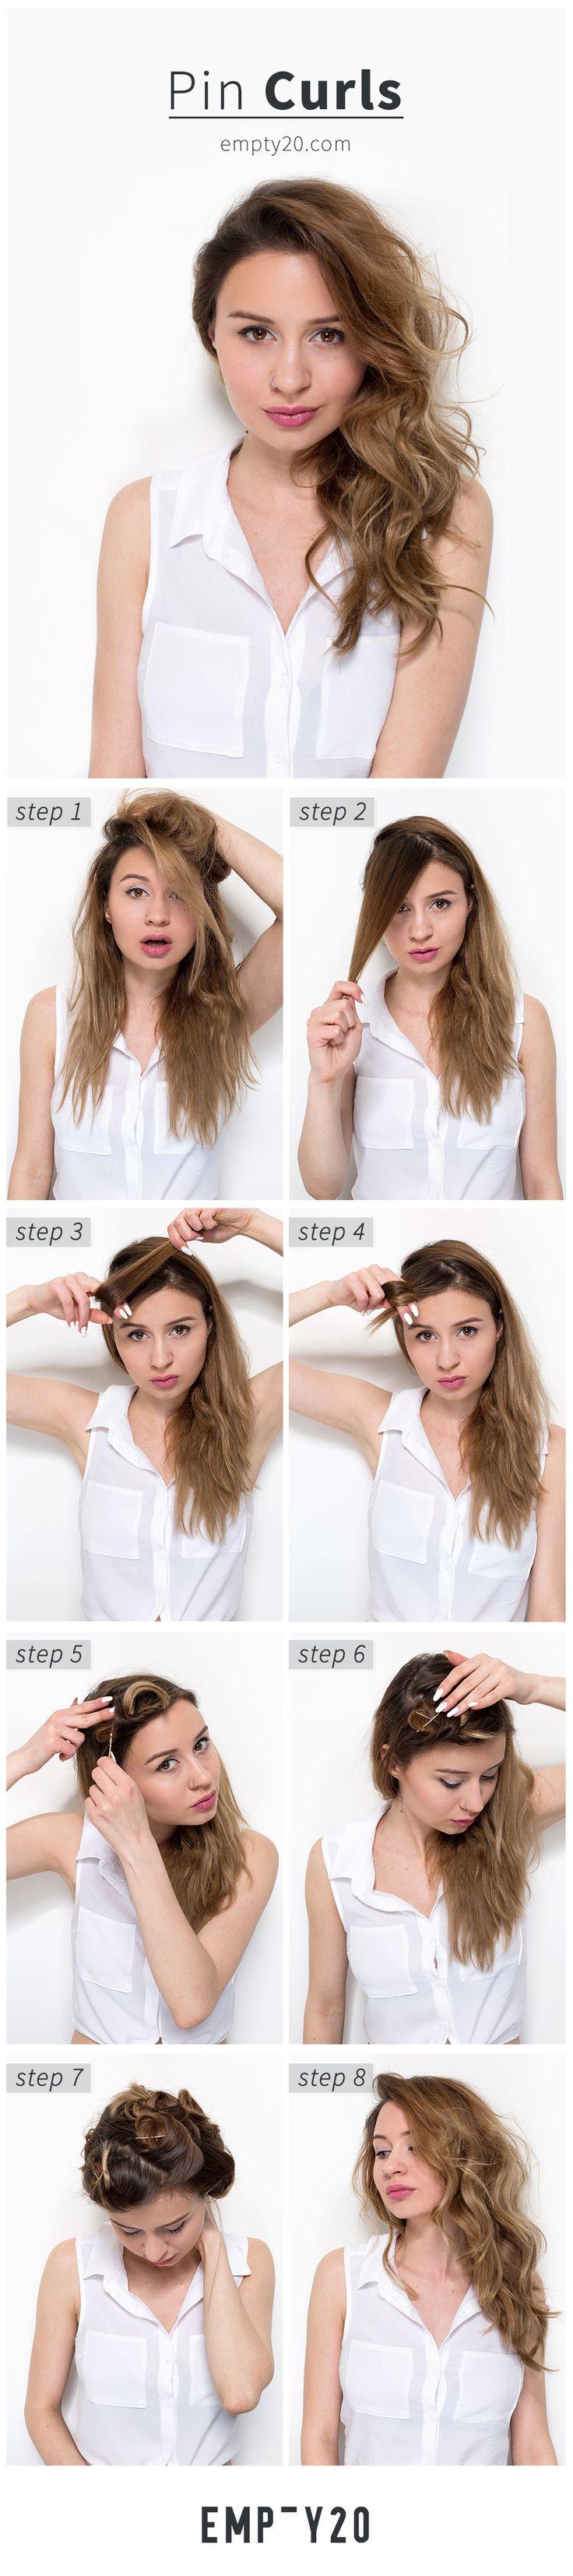 18 best Hair images on Pinterest